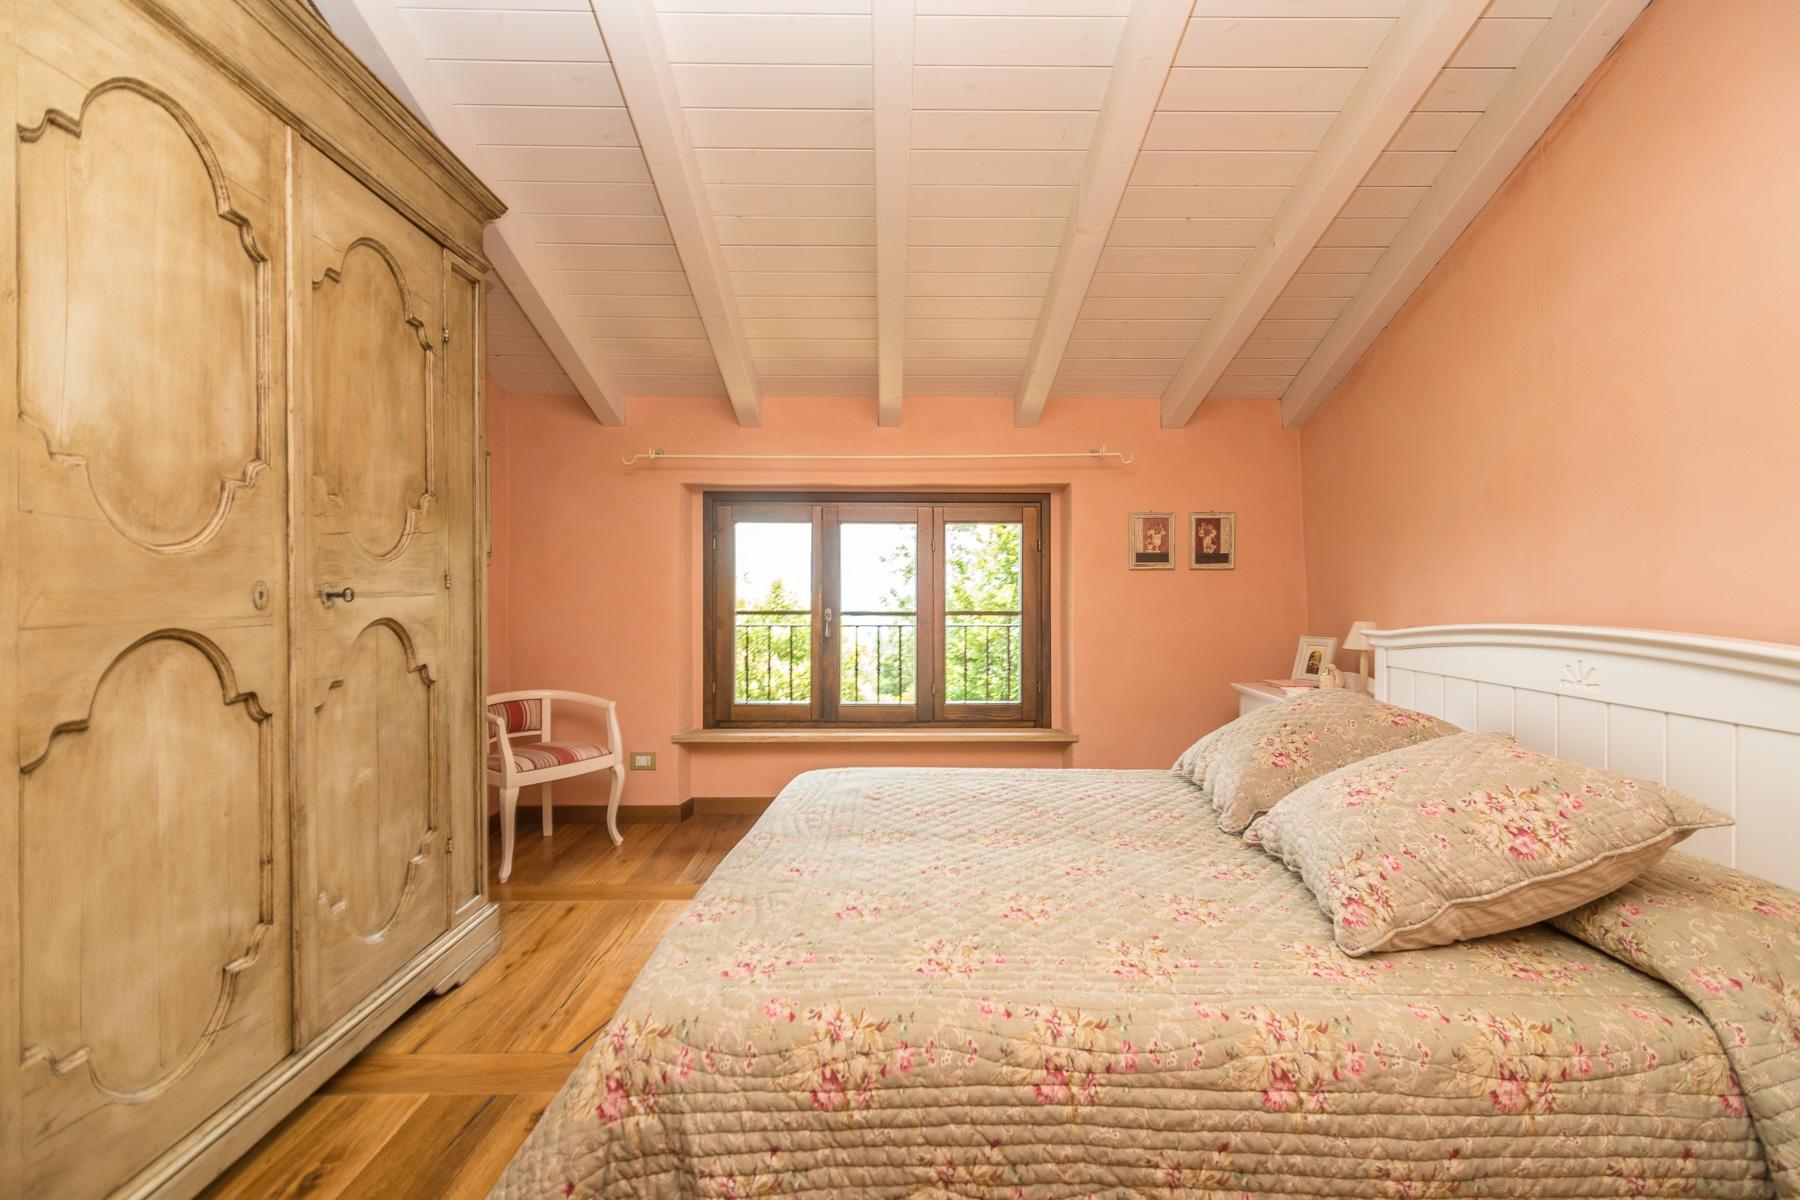 Casa indipendente in Vendita a Ziano Piacentino: 5 locali, 260 mq - Foto 22